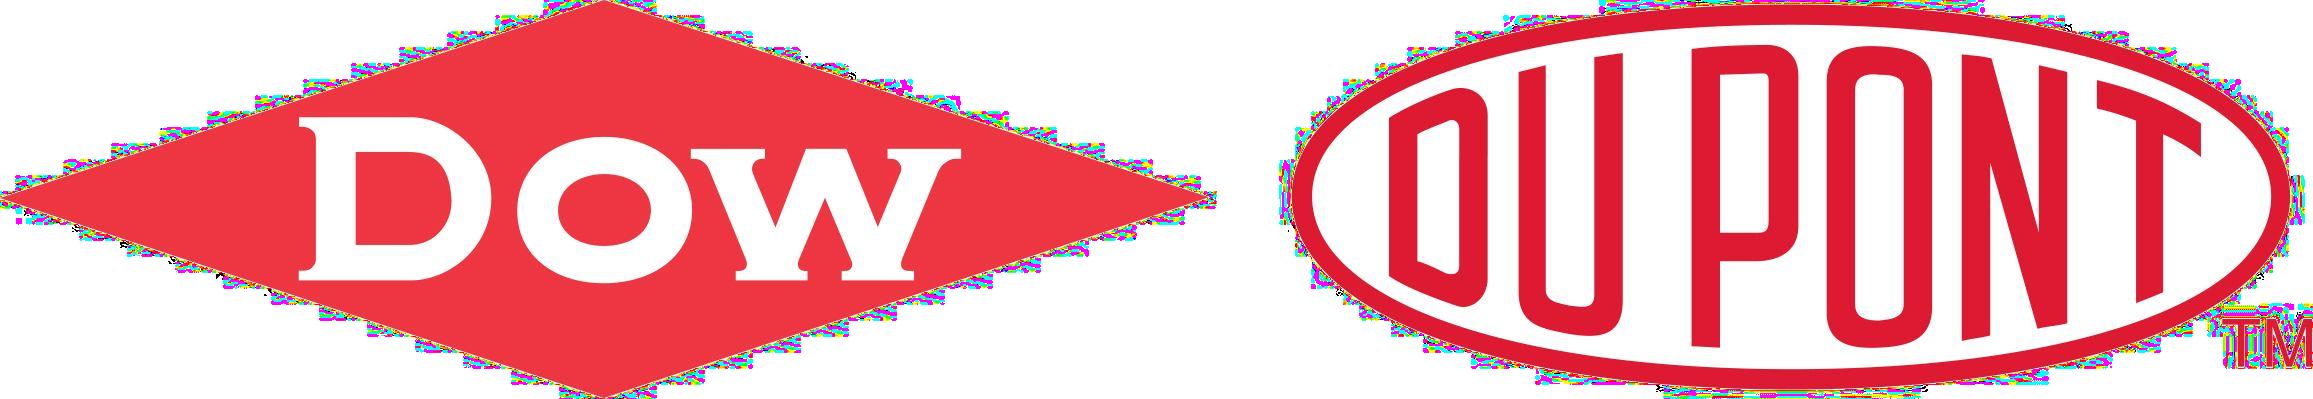 filedowdupont logopng wikimedia commons